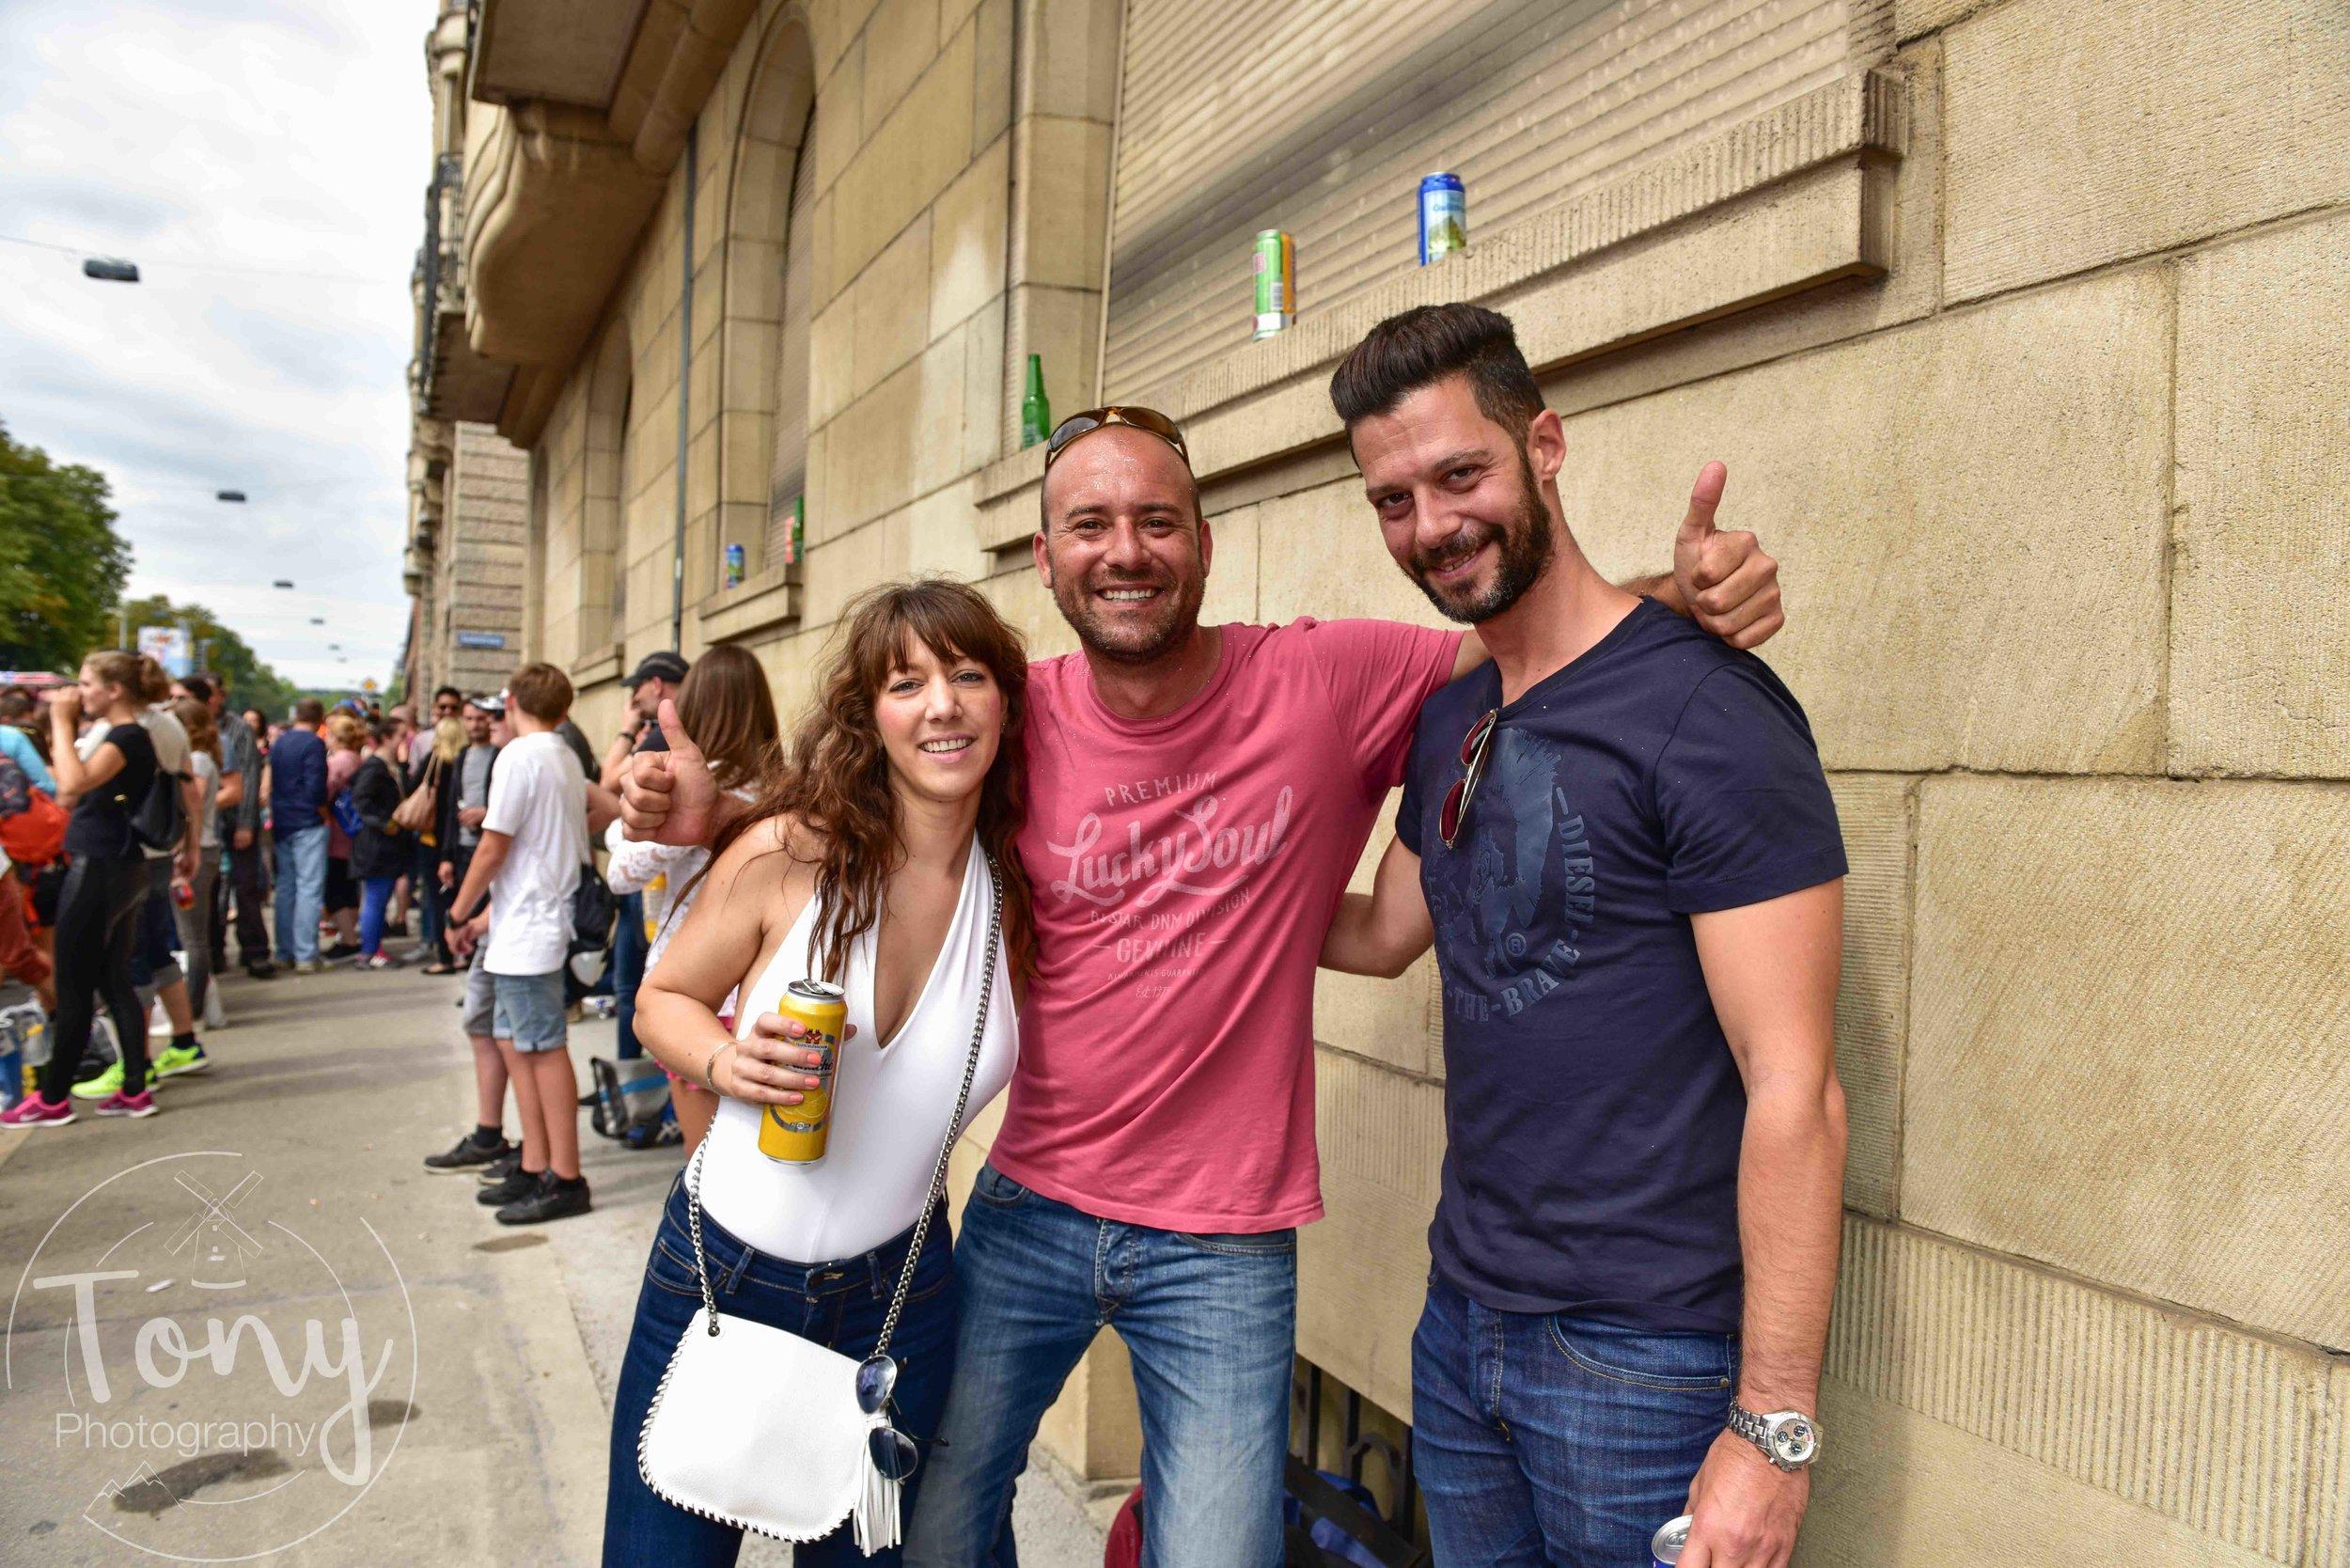 streetparade-123.jpg